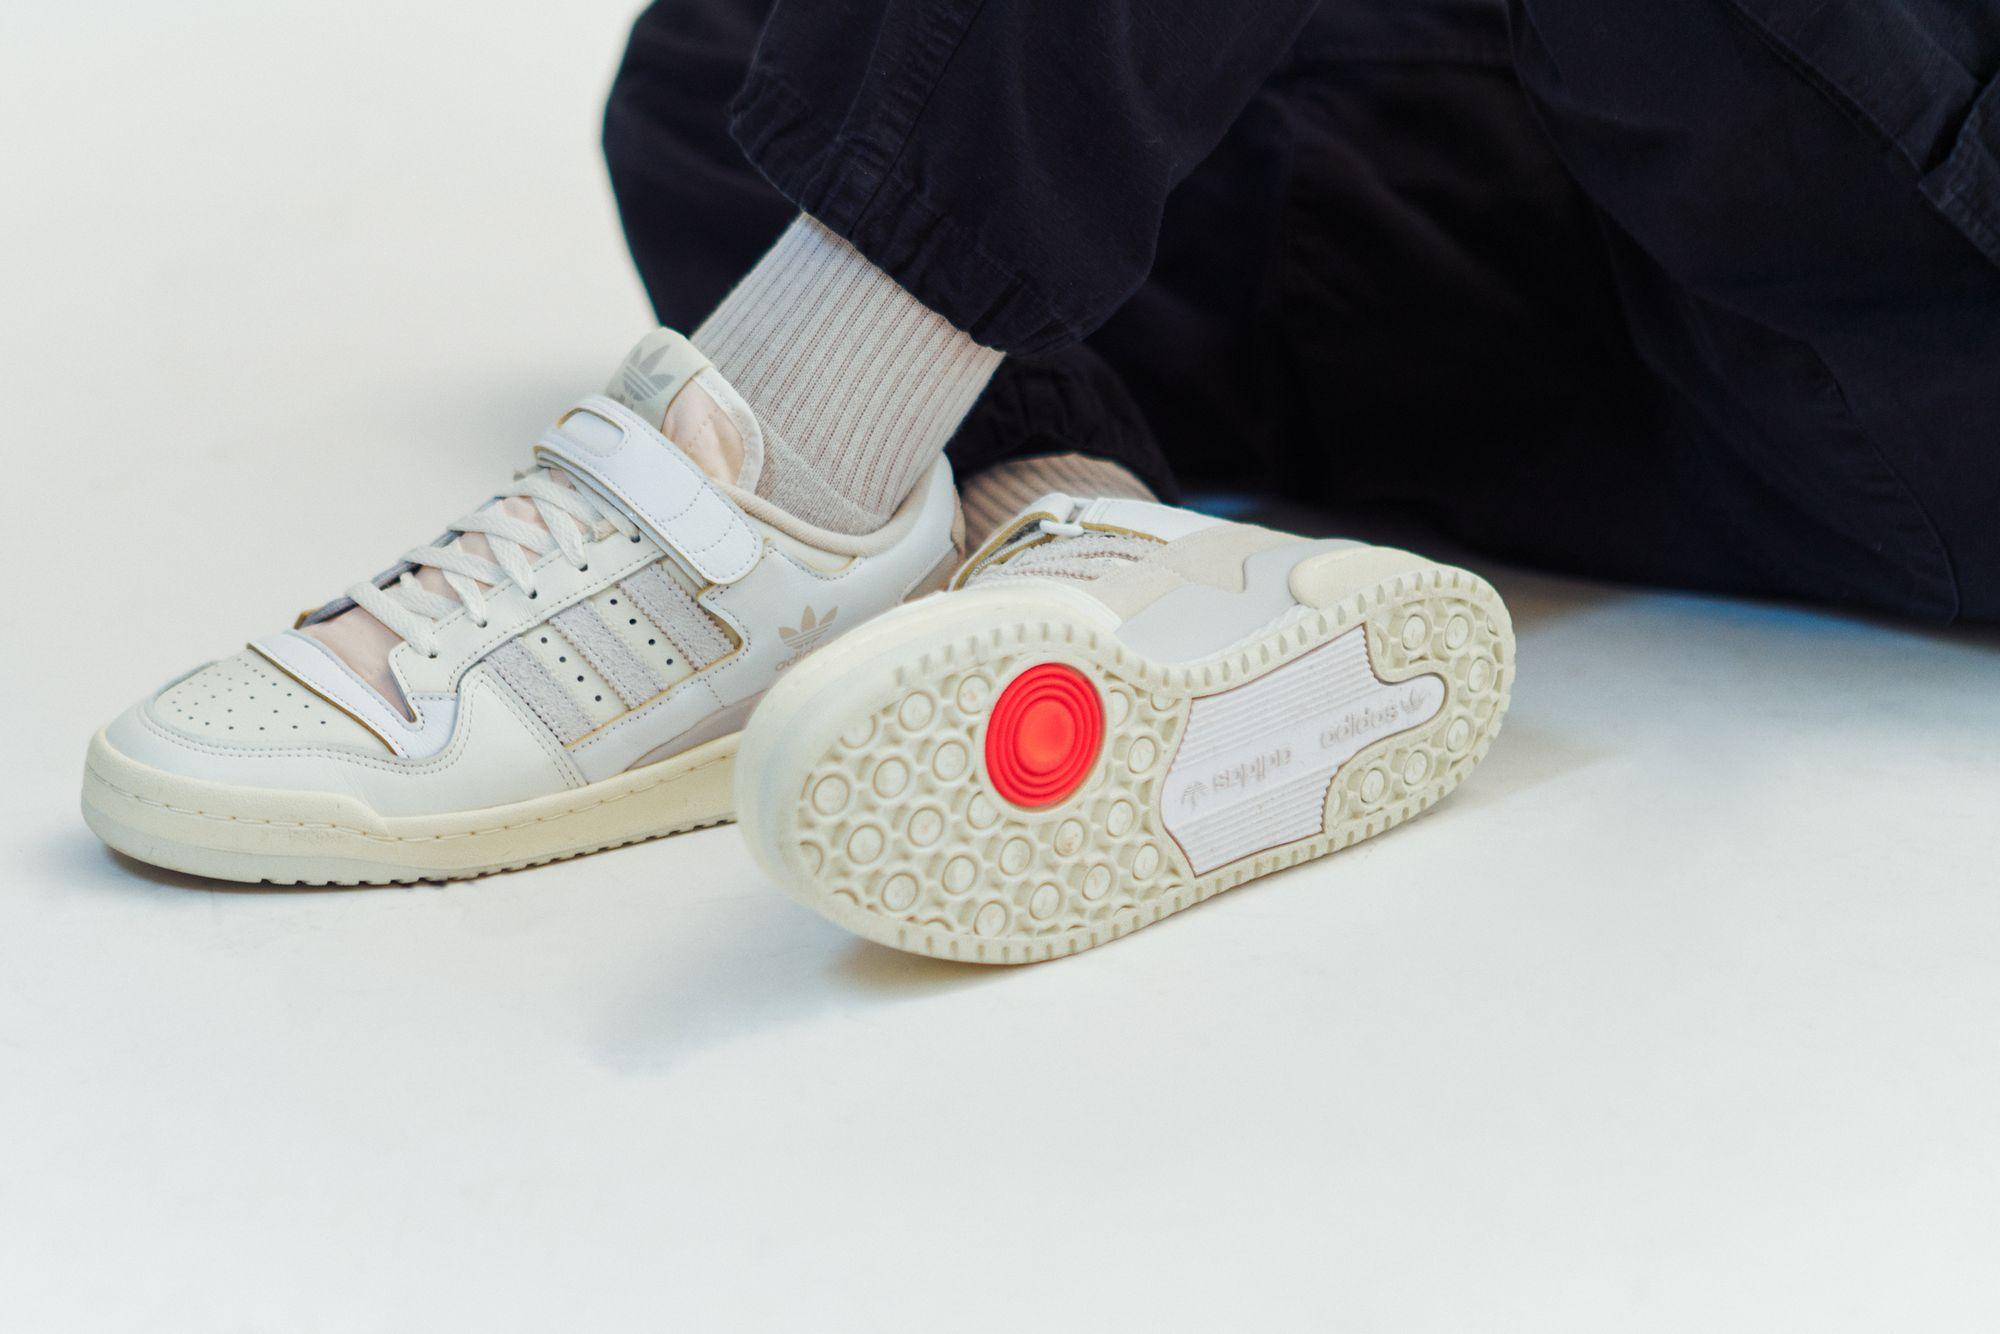 adidas Forum 84 Low - grey one/orbit grey/footwear white - FY4577 mit Klettverschluss